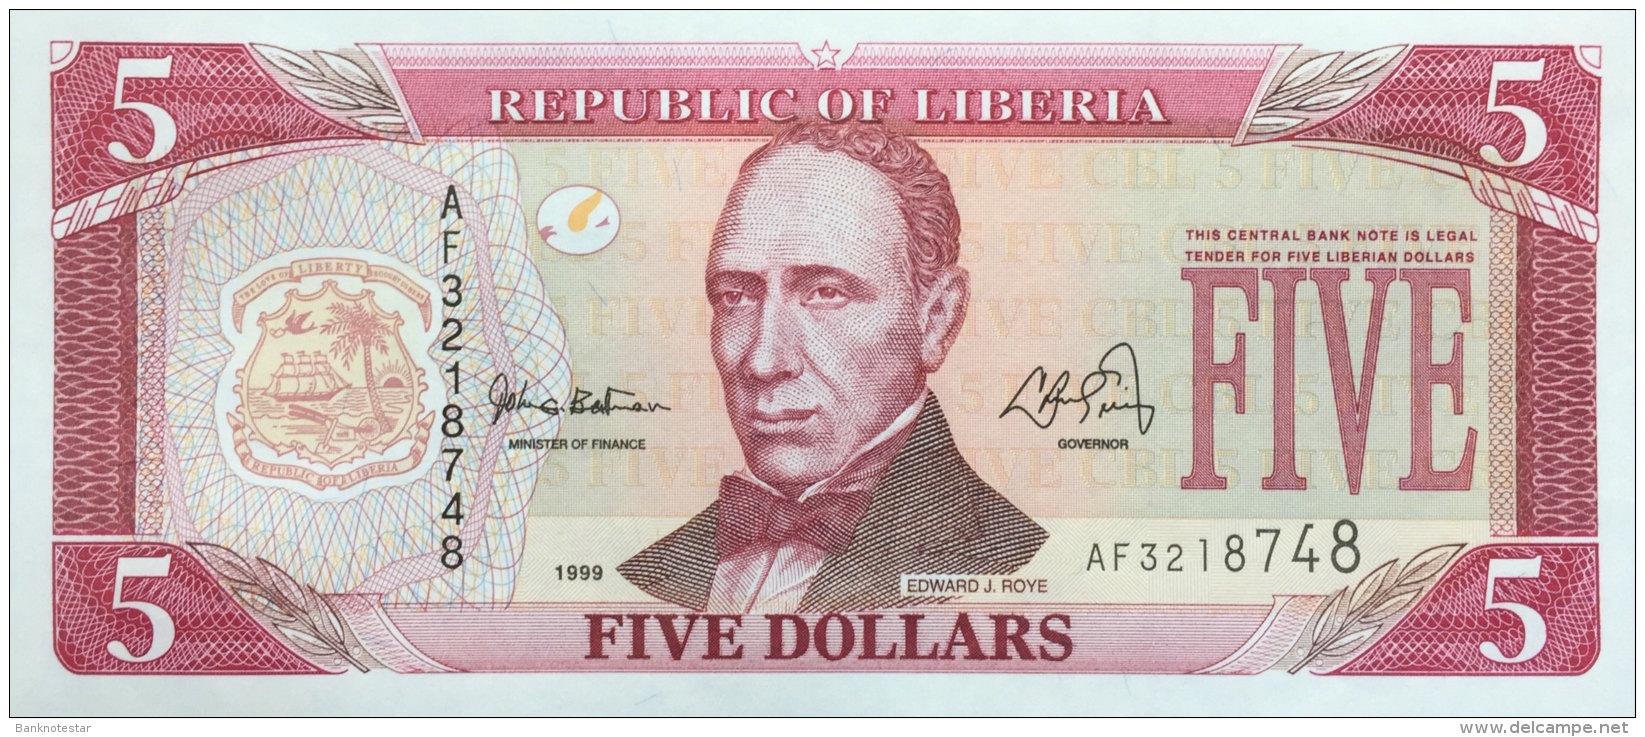 Liberia 5 Dollars, P-21 (1999) UNC - Liberia